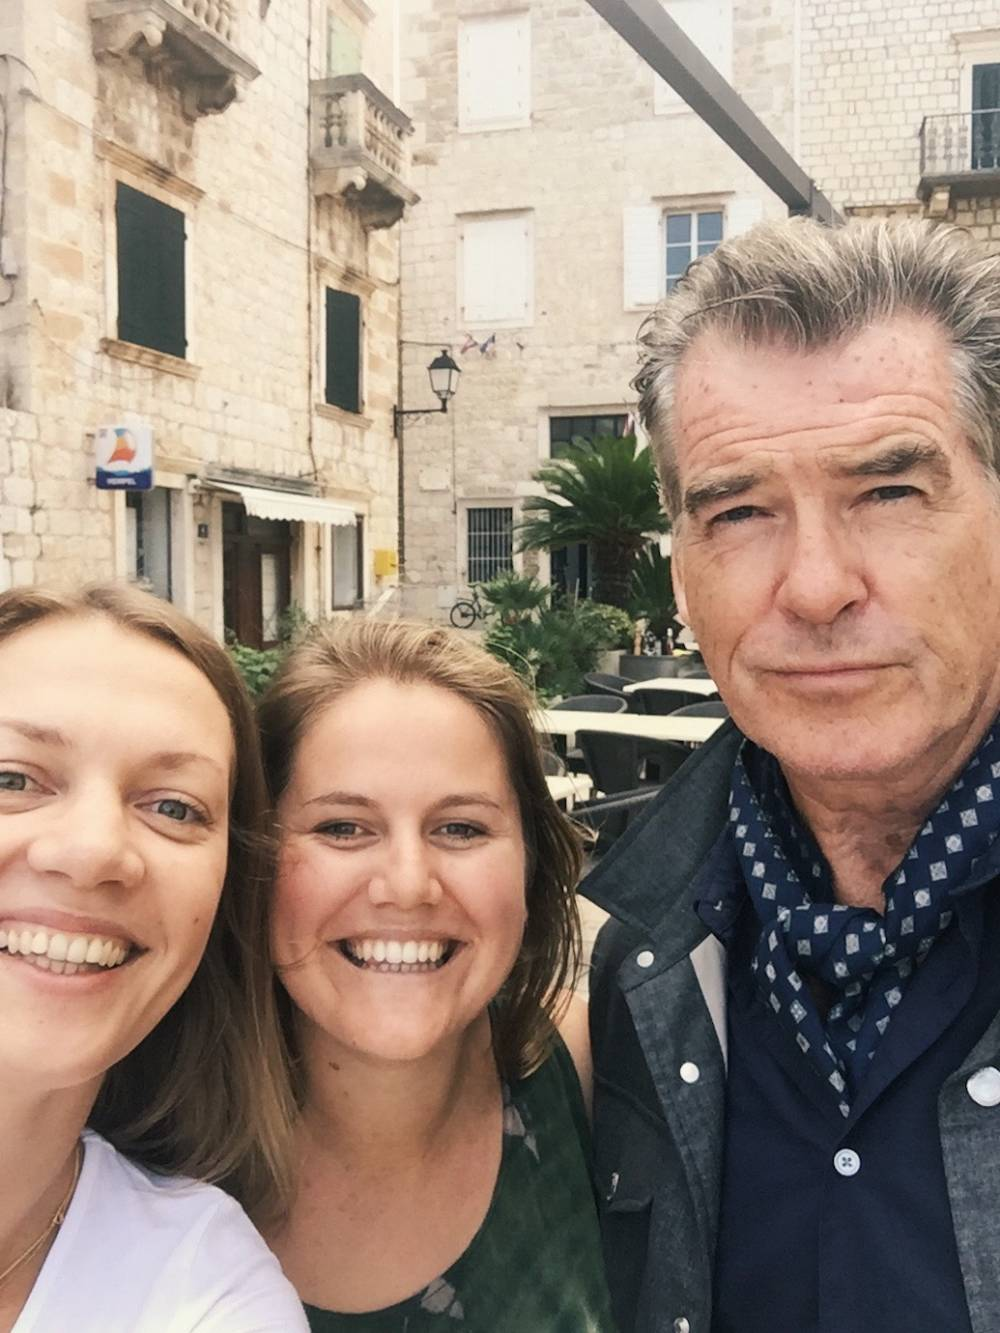 Milda, eine Unbekannte und Pierce Brosnan auf Vis, Kroatien